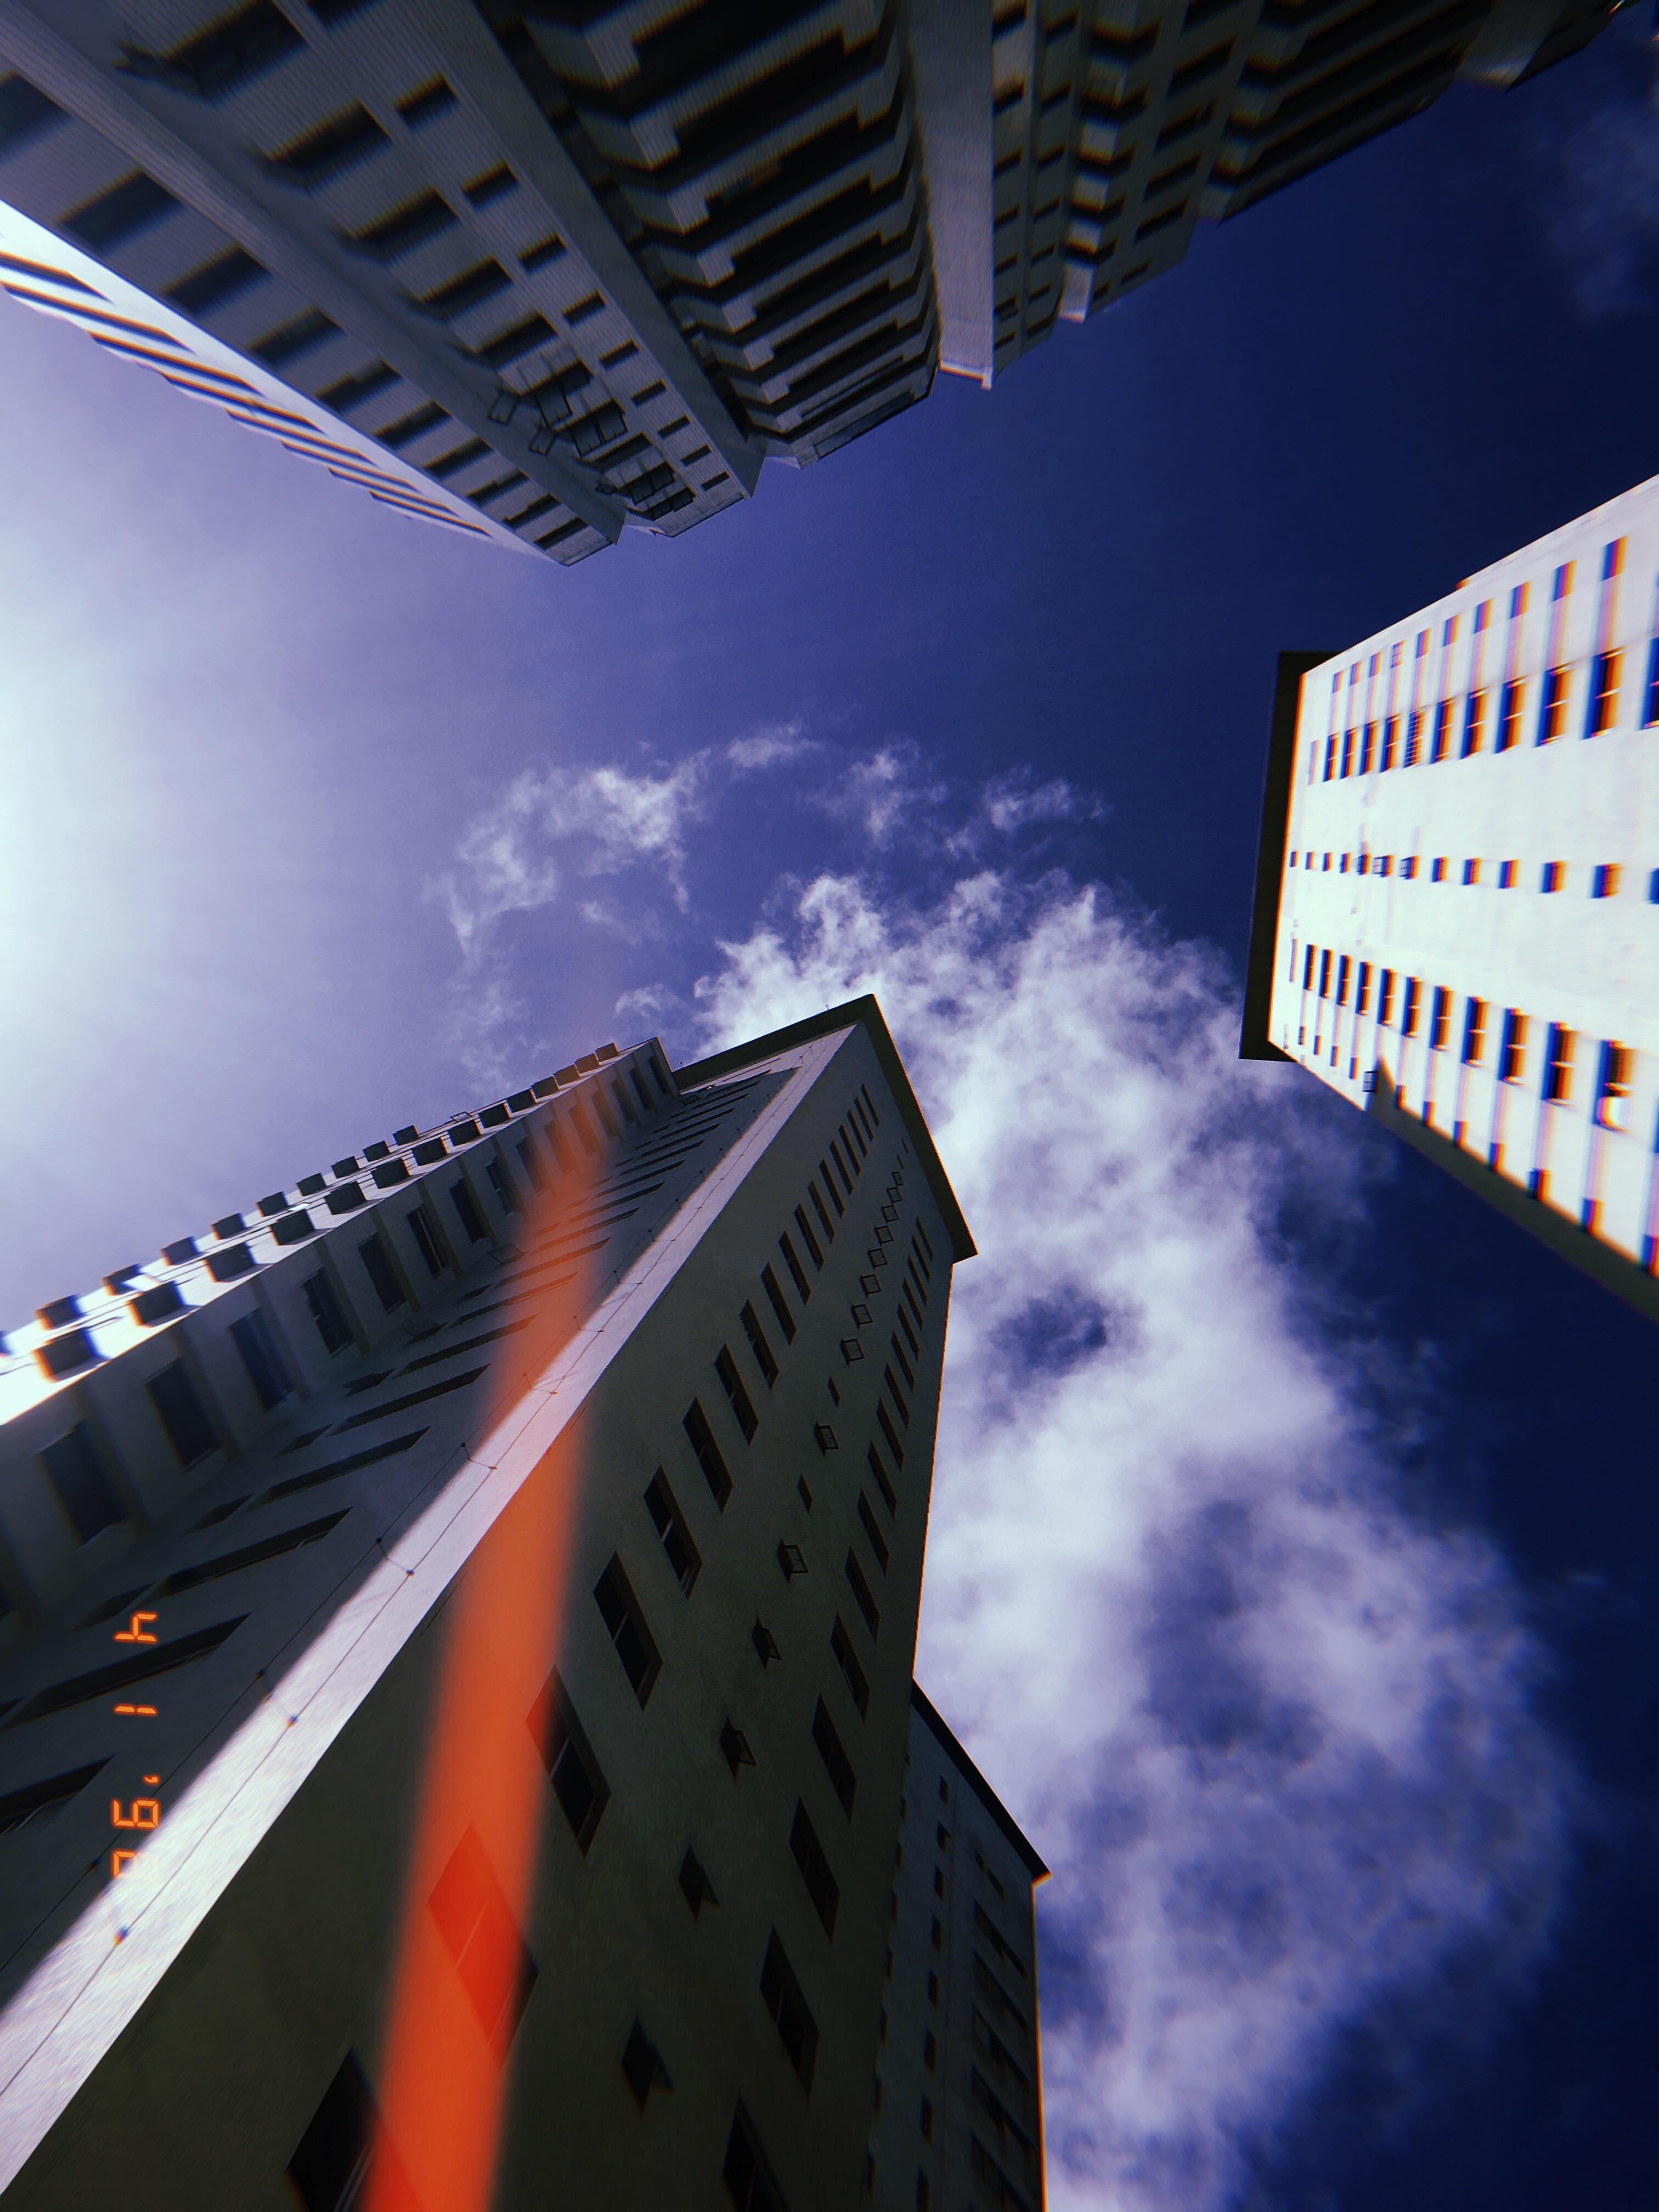 Prédios e o céu azuk com nuvens, pela visão do app HUJI